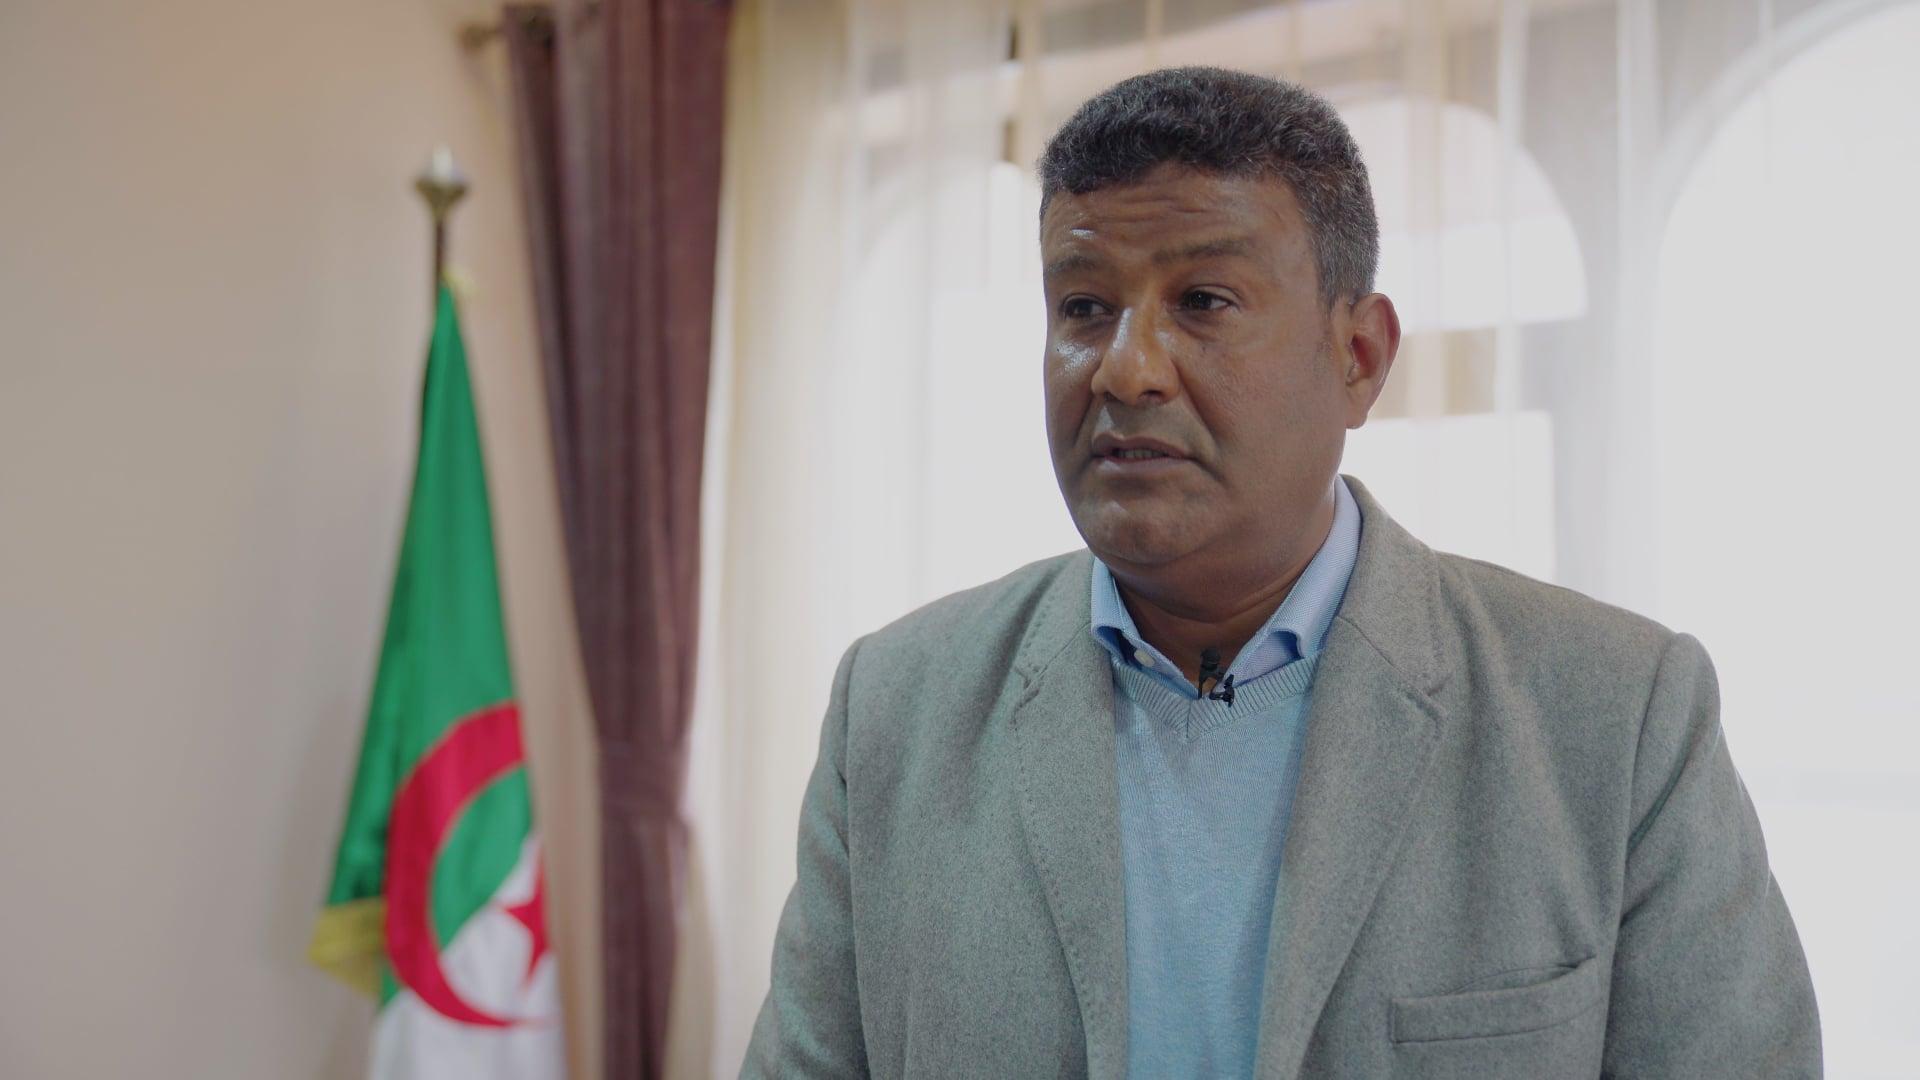 صورة تنصيب البروفيسور منير بهادي مديرا جديدا للمكتبة الوطنية الحامة